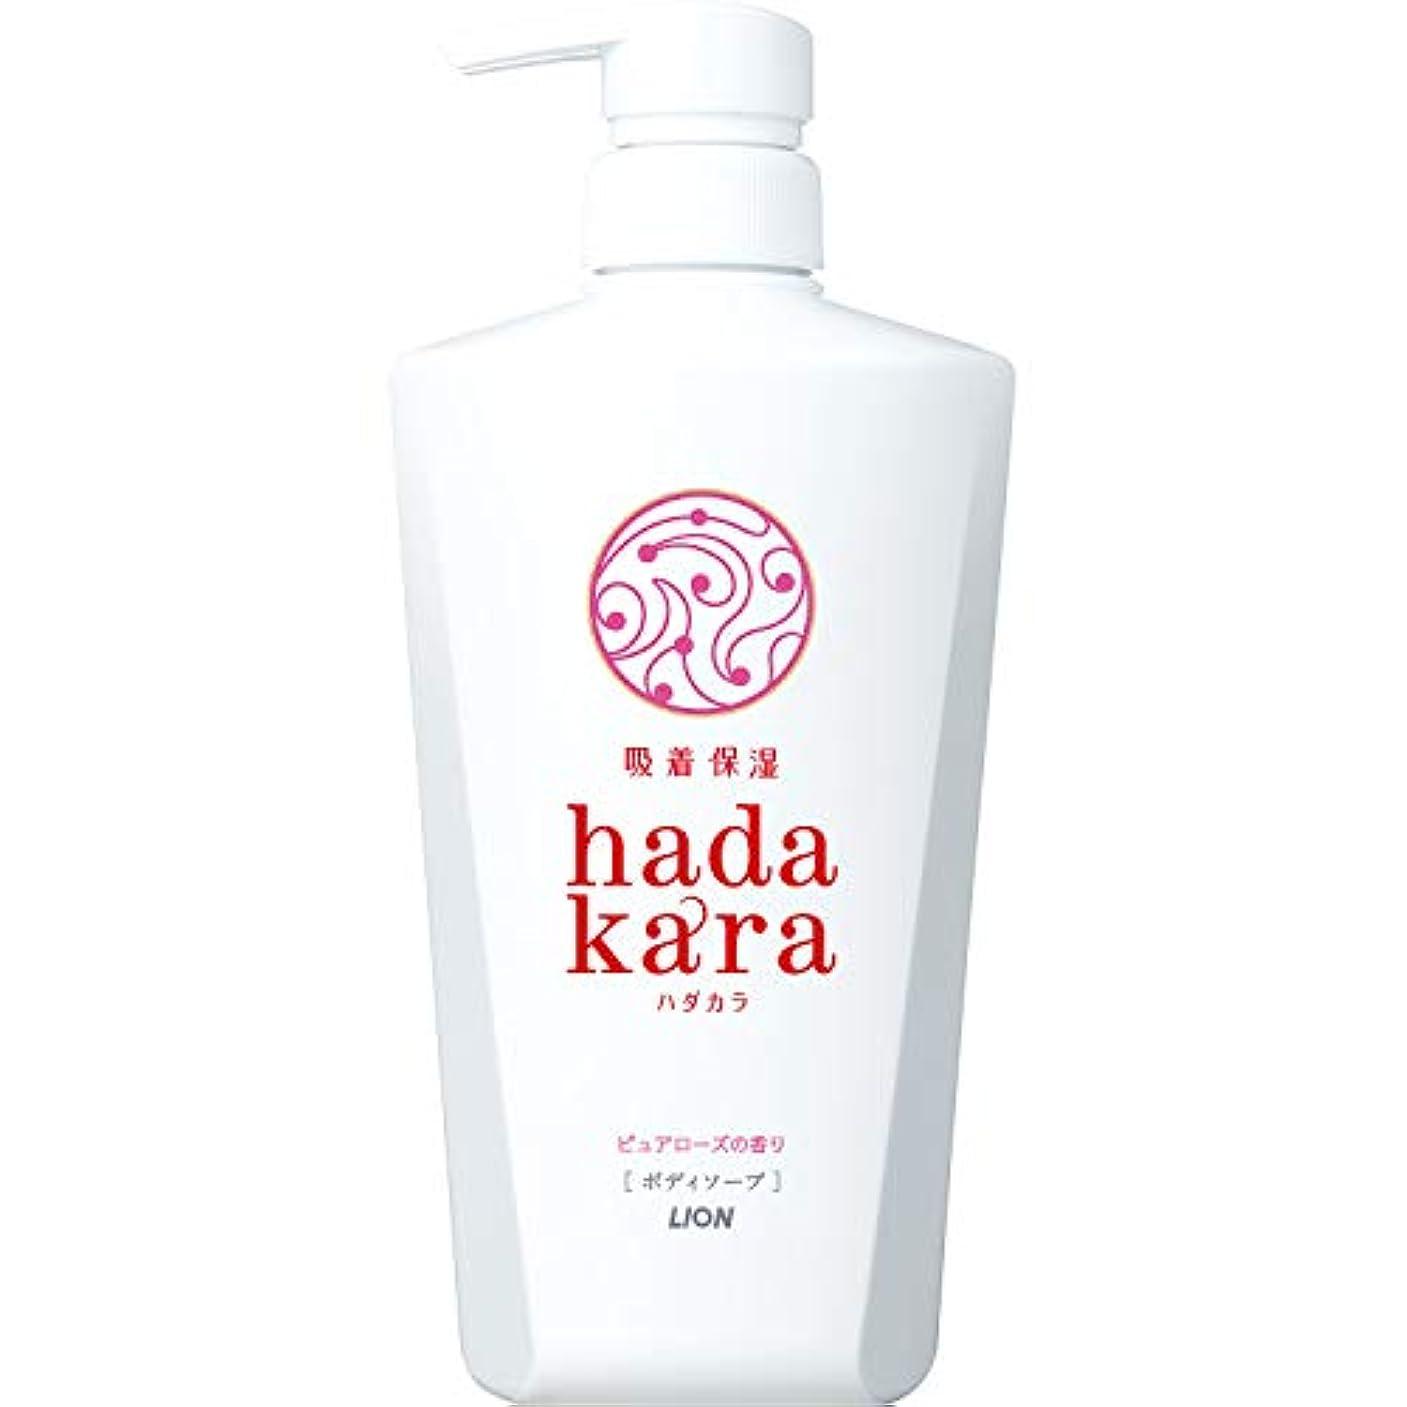 歴史通貨セールスマンhadakara(ハダカラ)ボディソープ ピュアローズの香り 本体 500ml